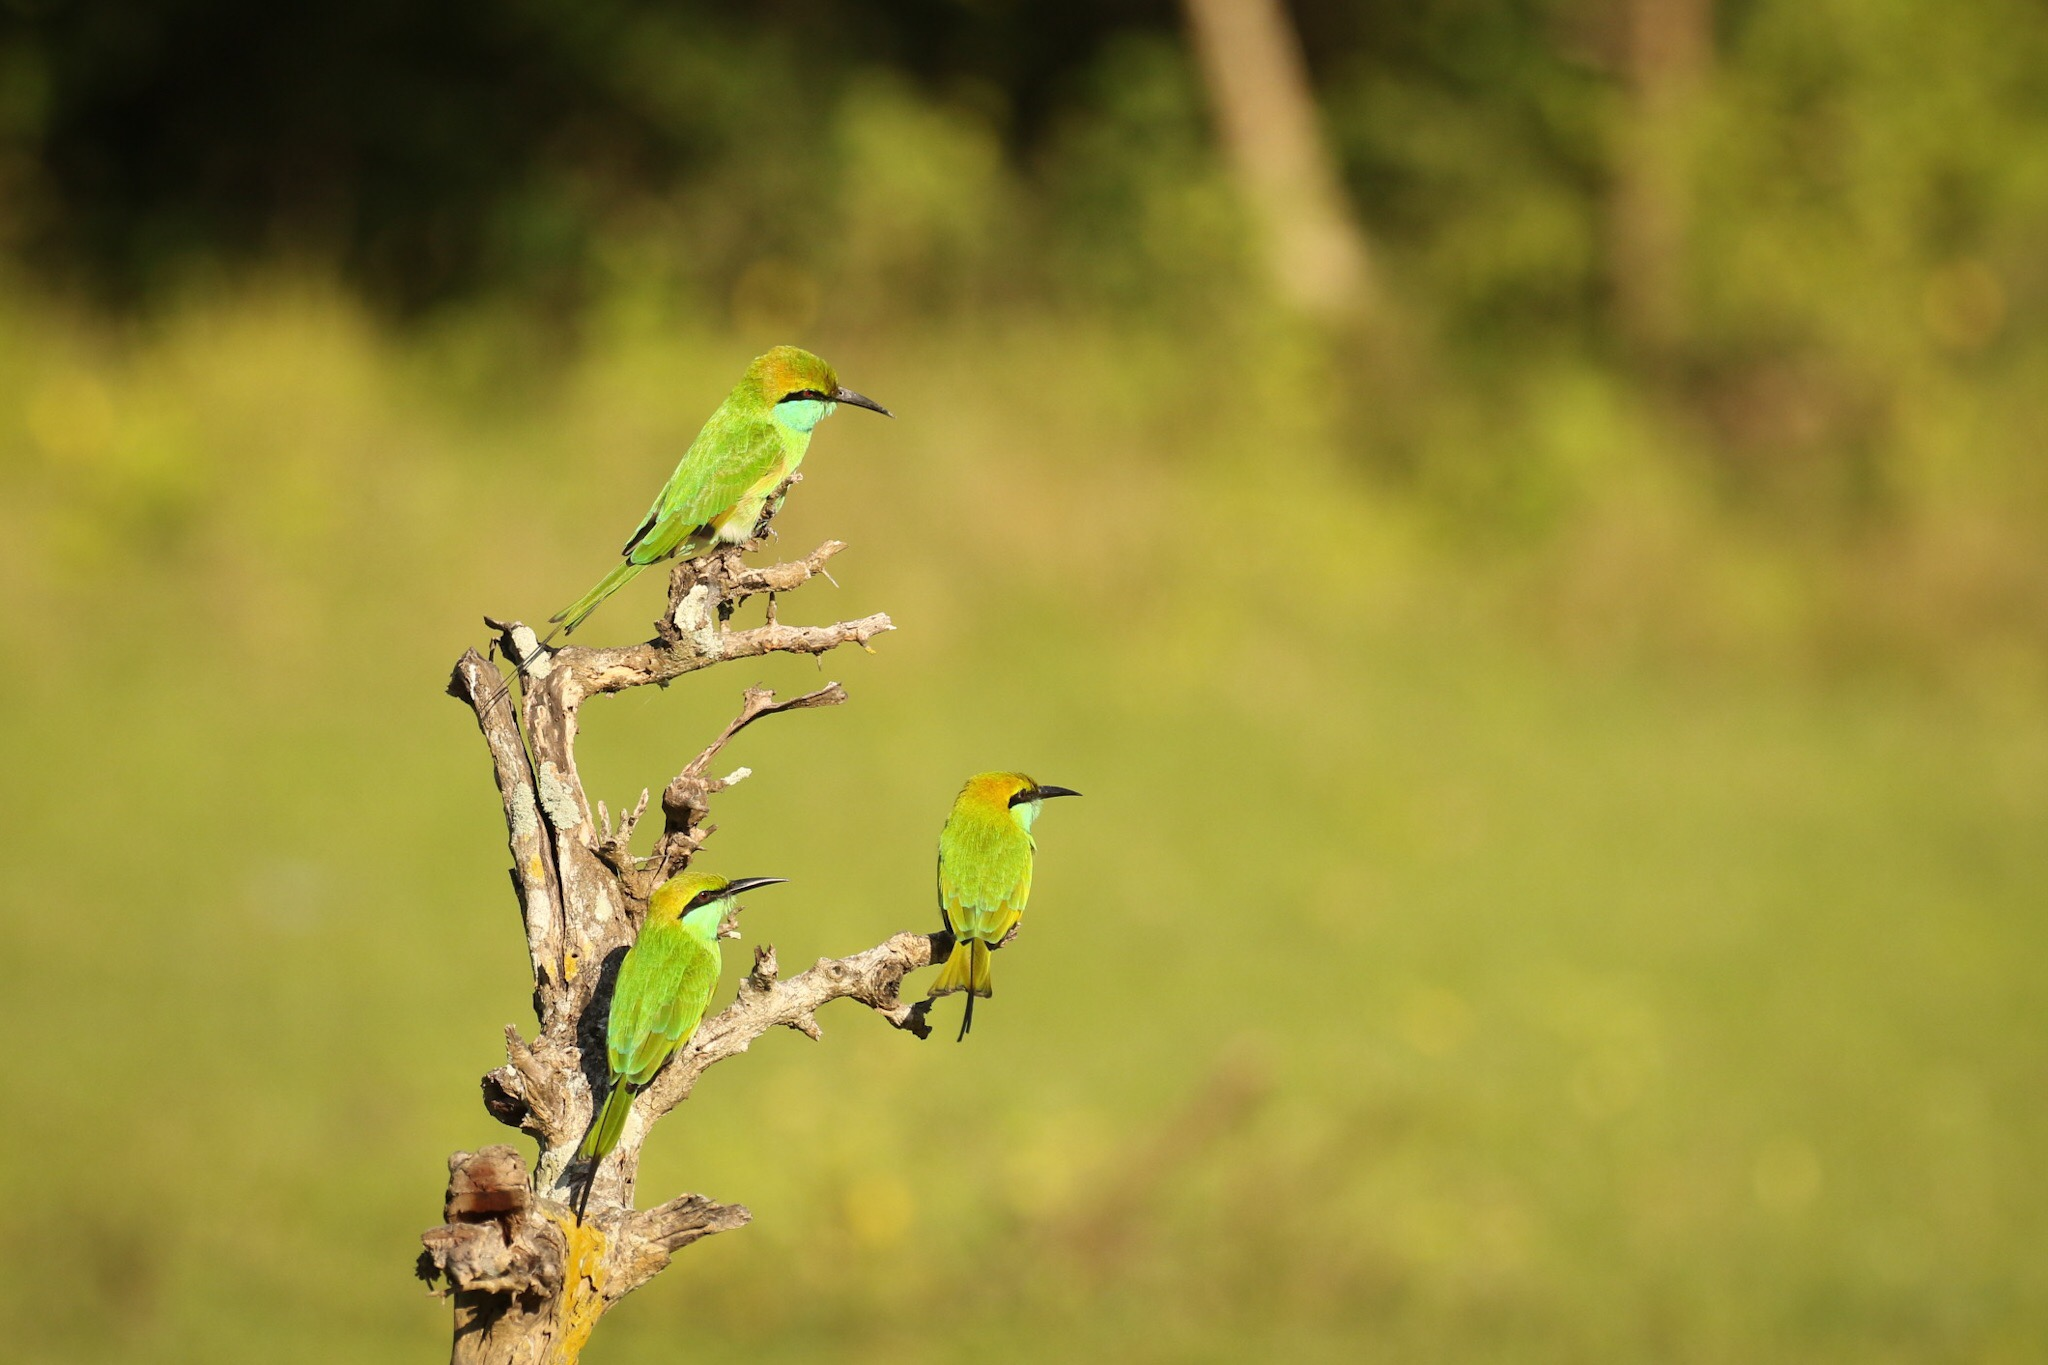 Lille grøn biæder